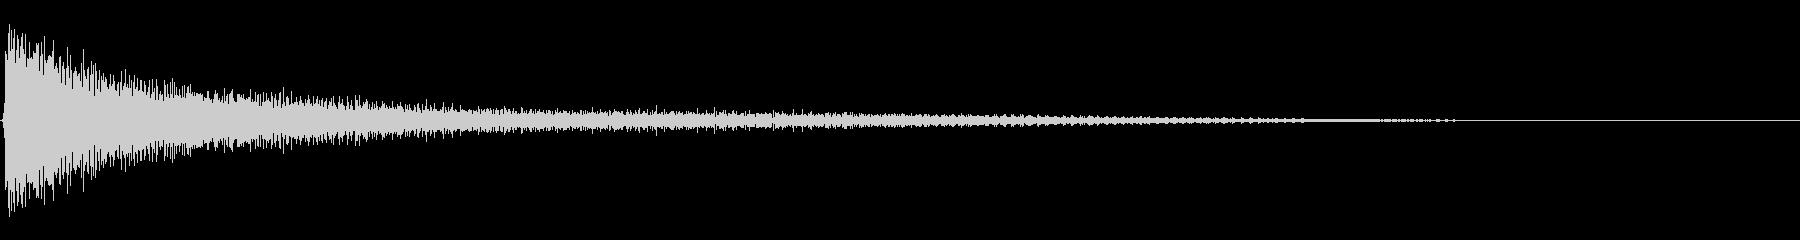 [生録音]グランドハープ-02-D1の未再生の波形